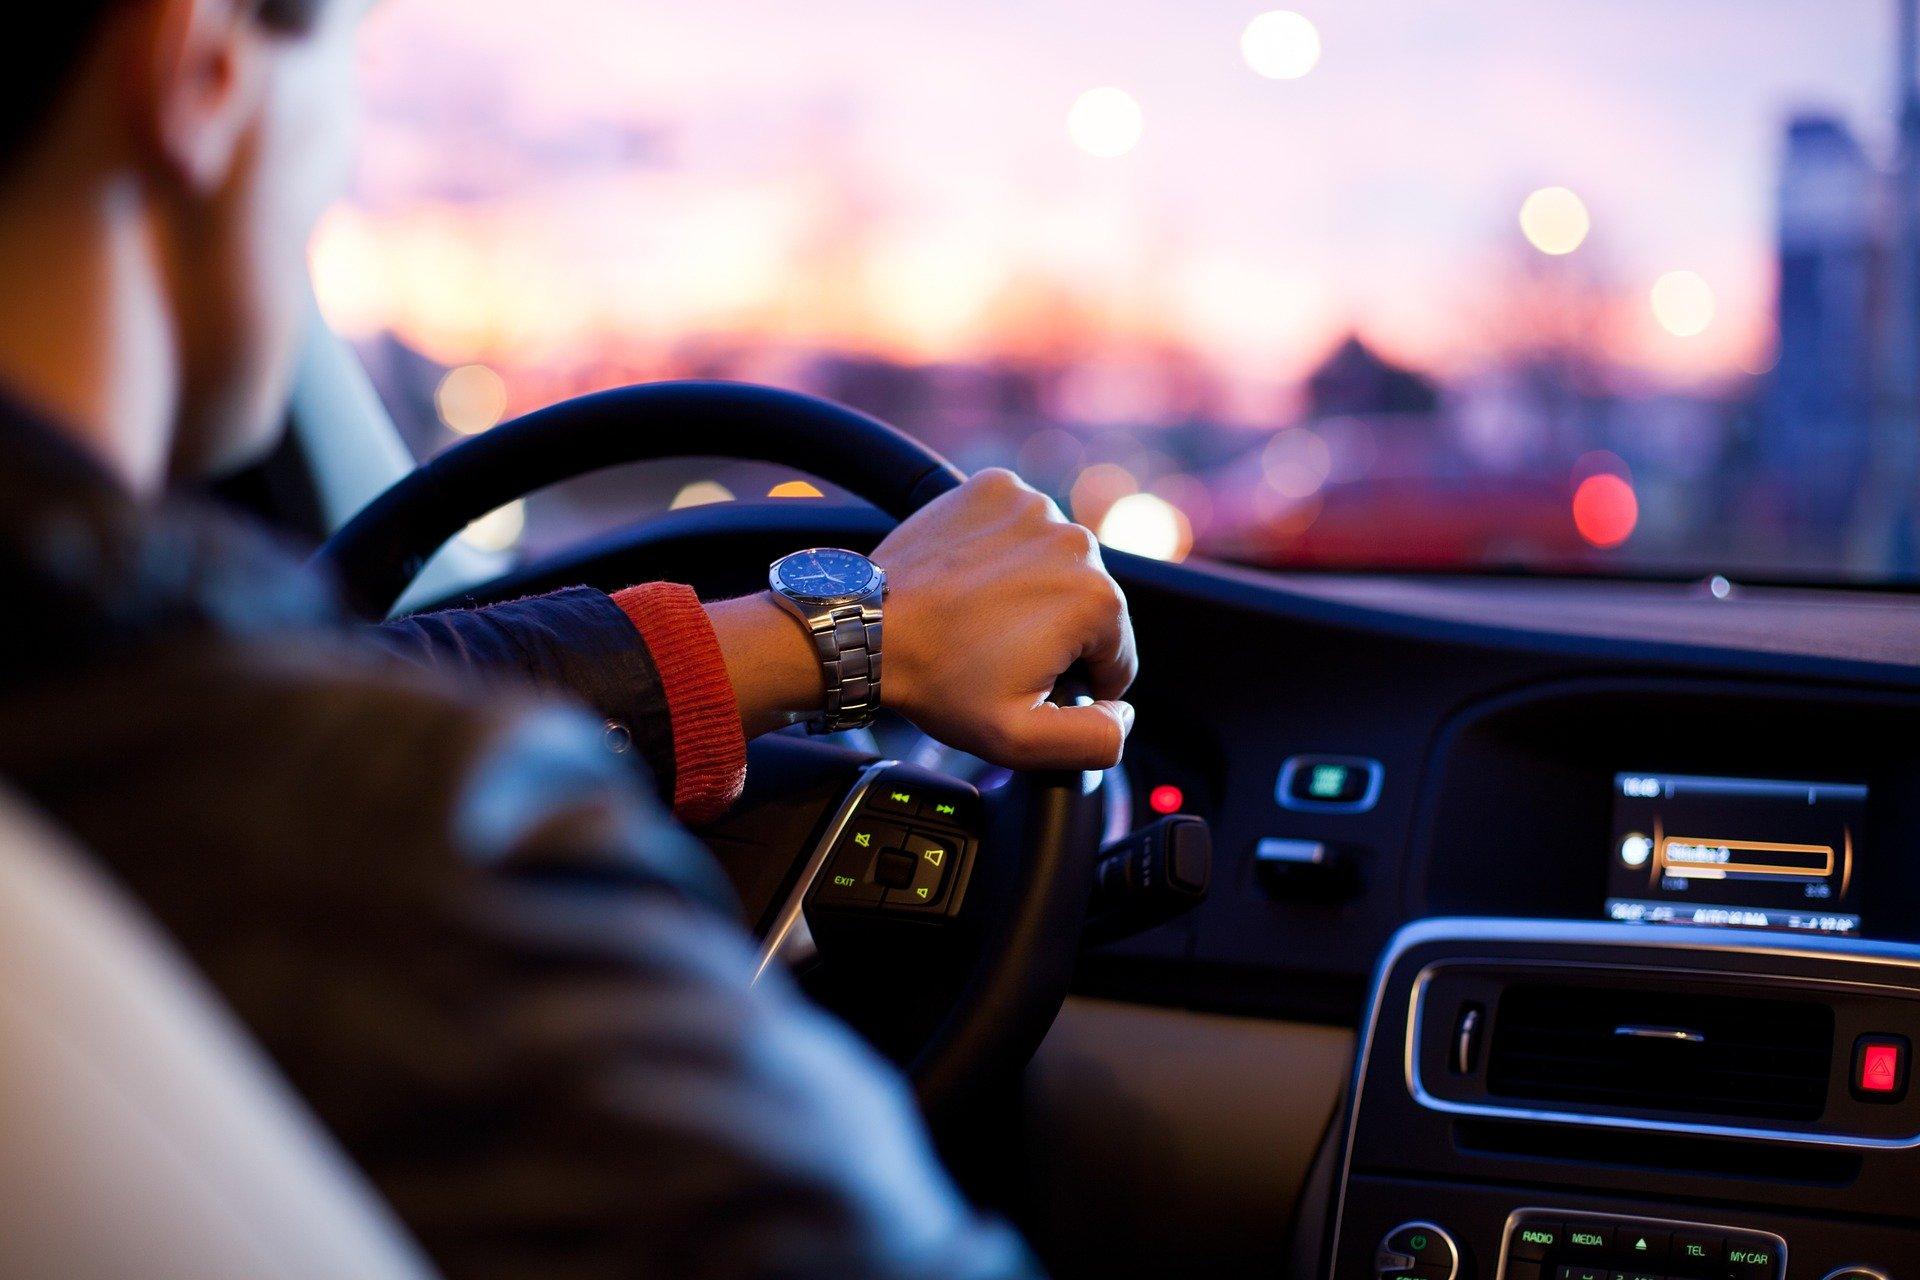 Is elektrisch auto rijden duur?